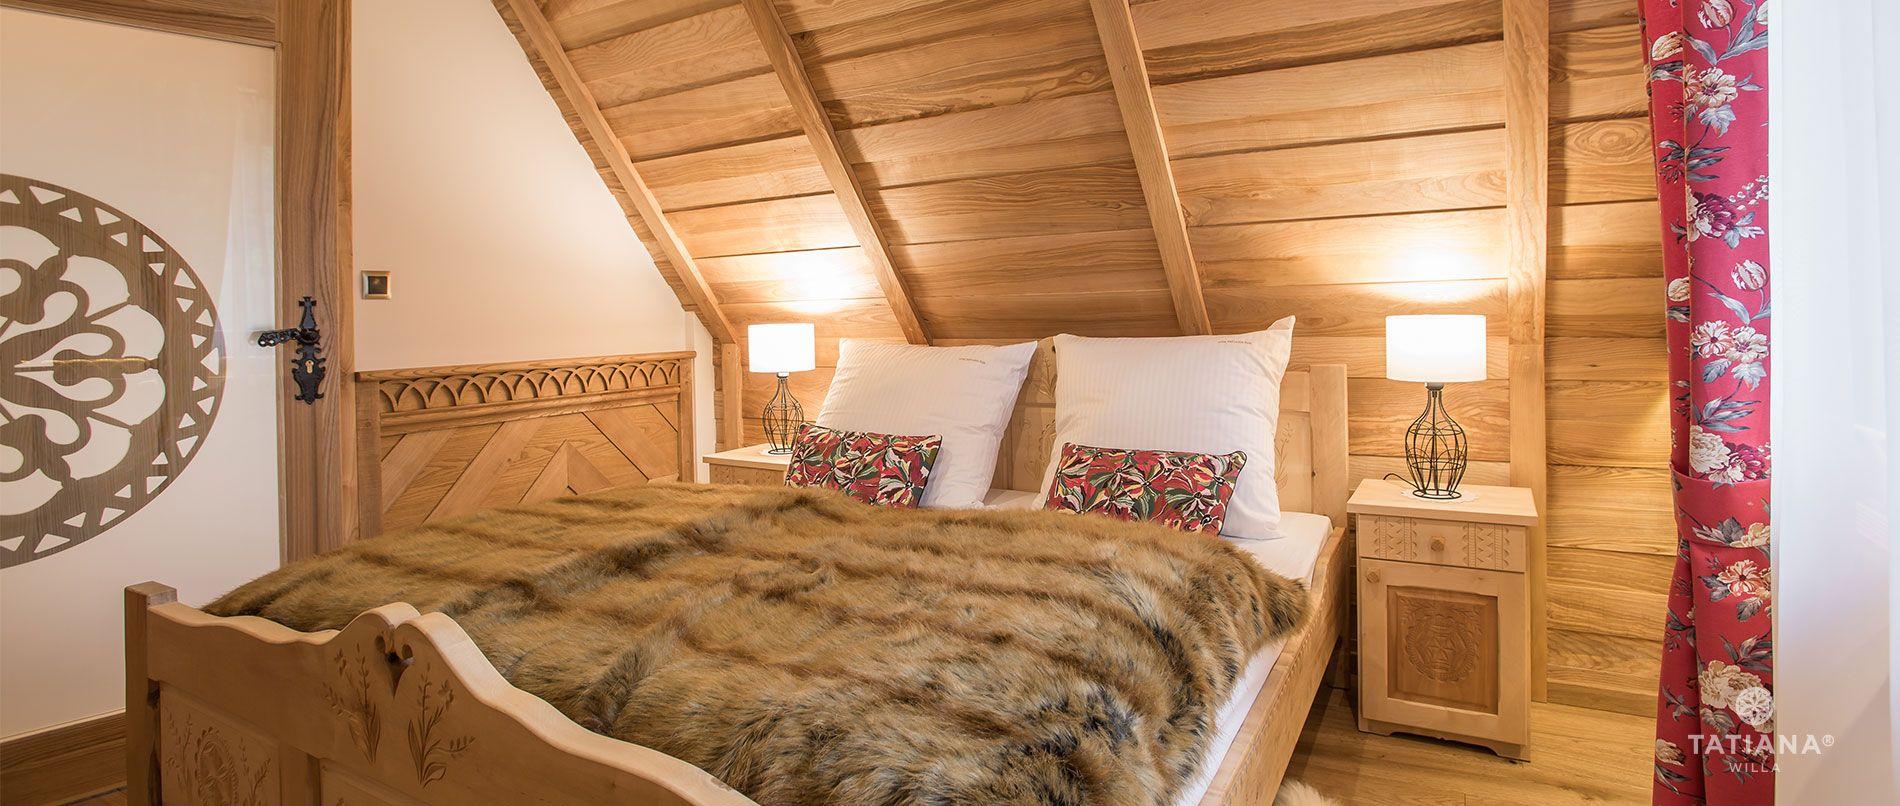 Tatra Apartment - Bedroom I